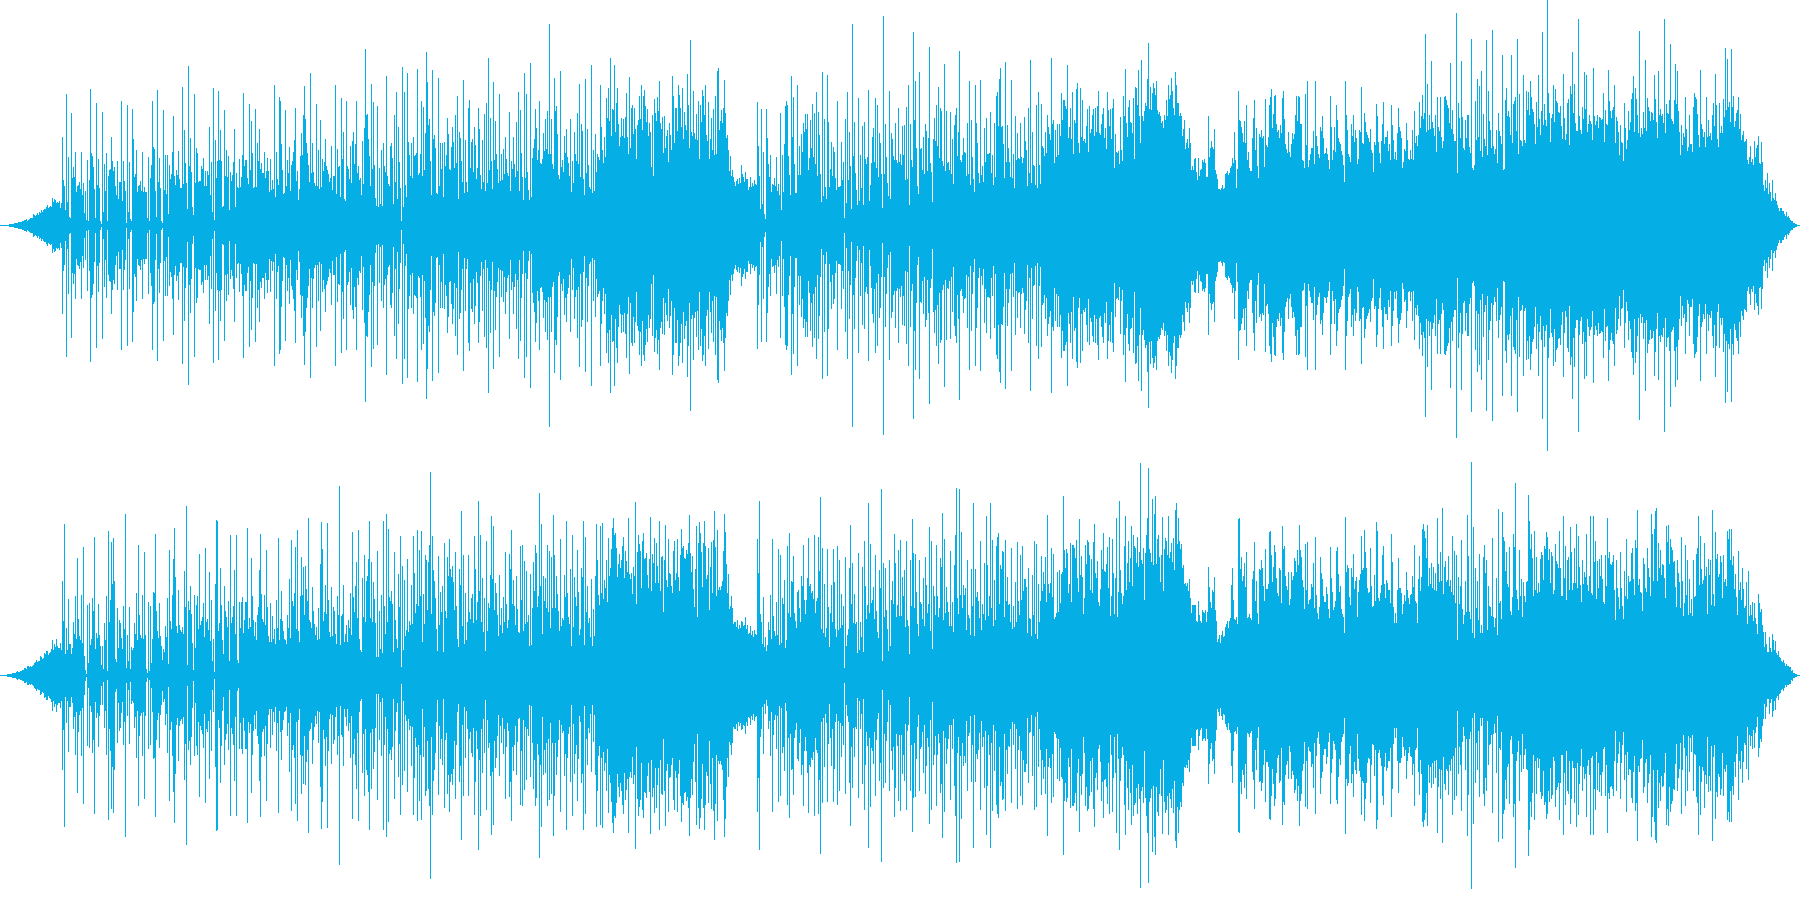 プログレ(?)多様性のある展開。の再生済みの波形